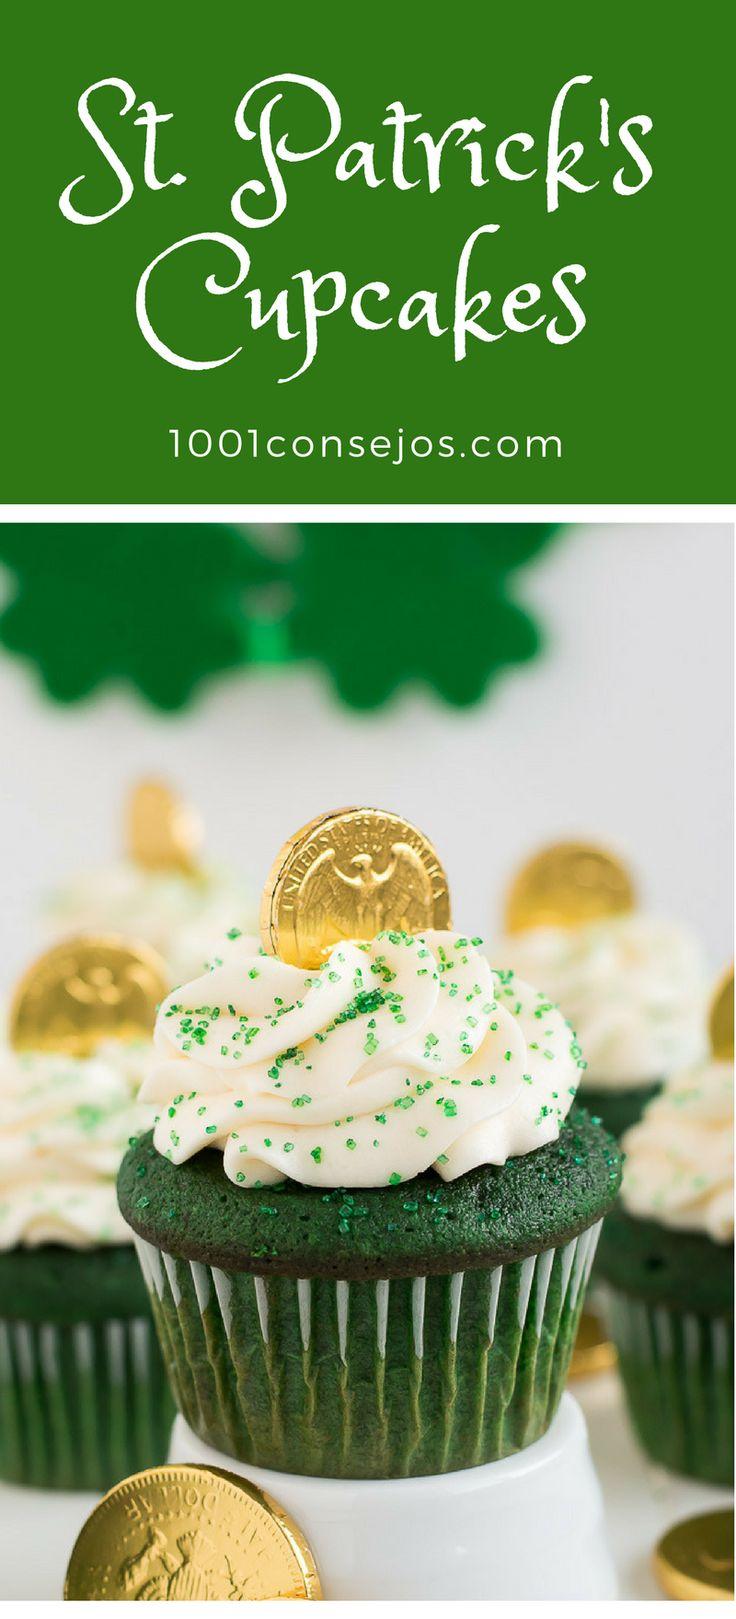 Aprende a hacer estos deliciosos #cupcakes para el día de San Patricio. Descubre la receta completa... | #stpatricksday día de san patricio | st patricks day food desserts | st patricks day cupcakes recipes.